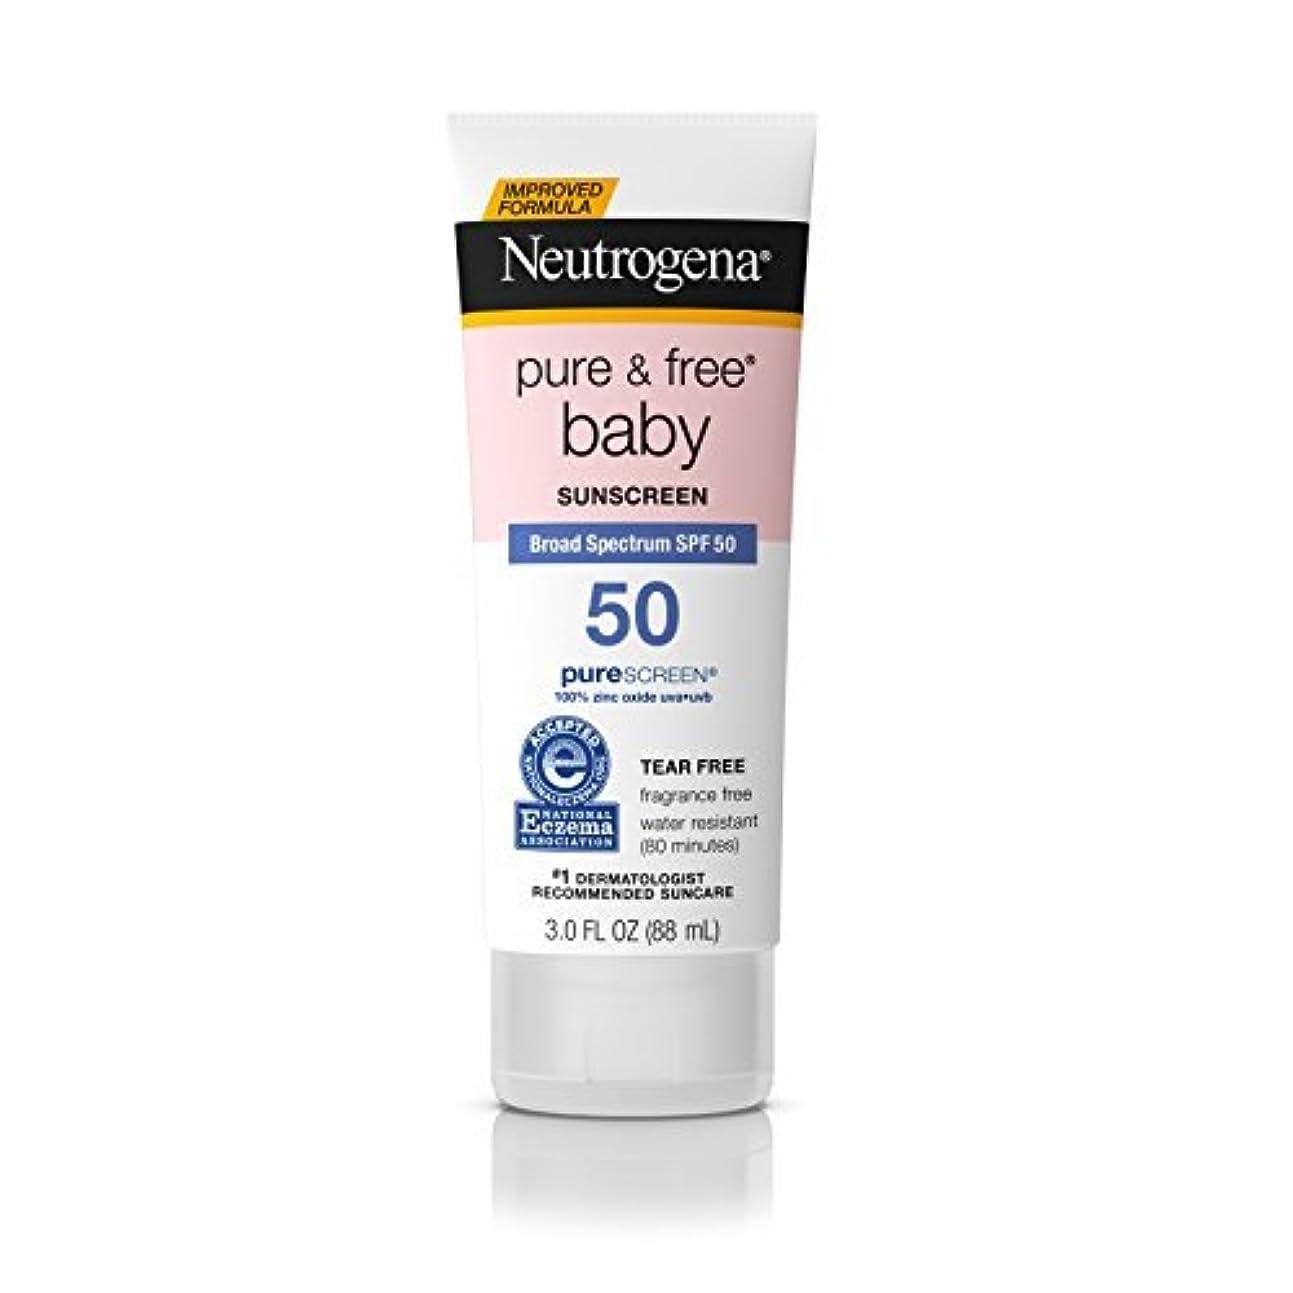 大きなスケールで見るとペチュランス顧問Neutrogena Pure & Free Baby Mineral Sunscreen Broad Spectrum SPF 50 3 fl. oz. [並行輸入品]